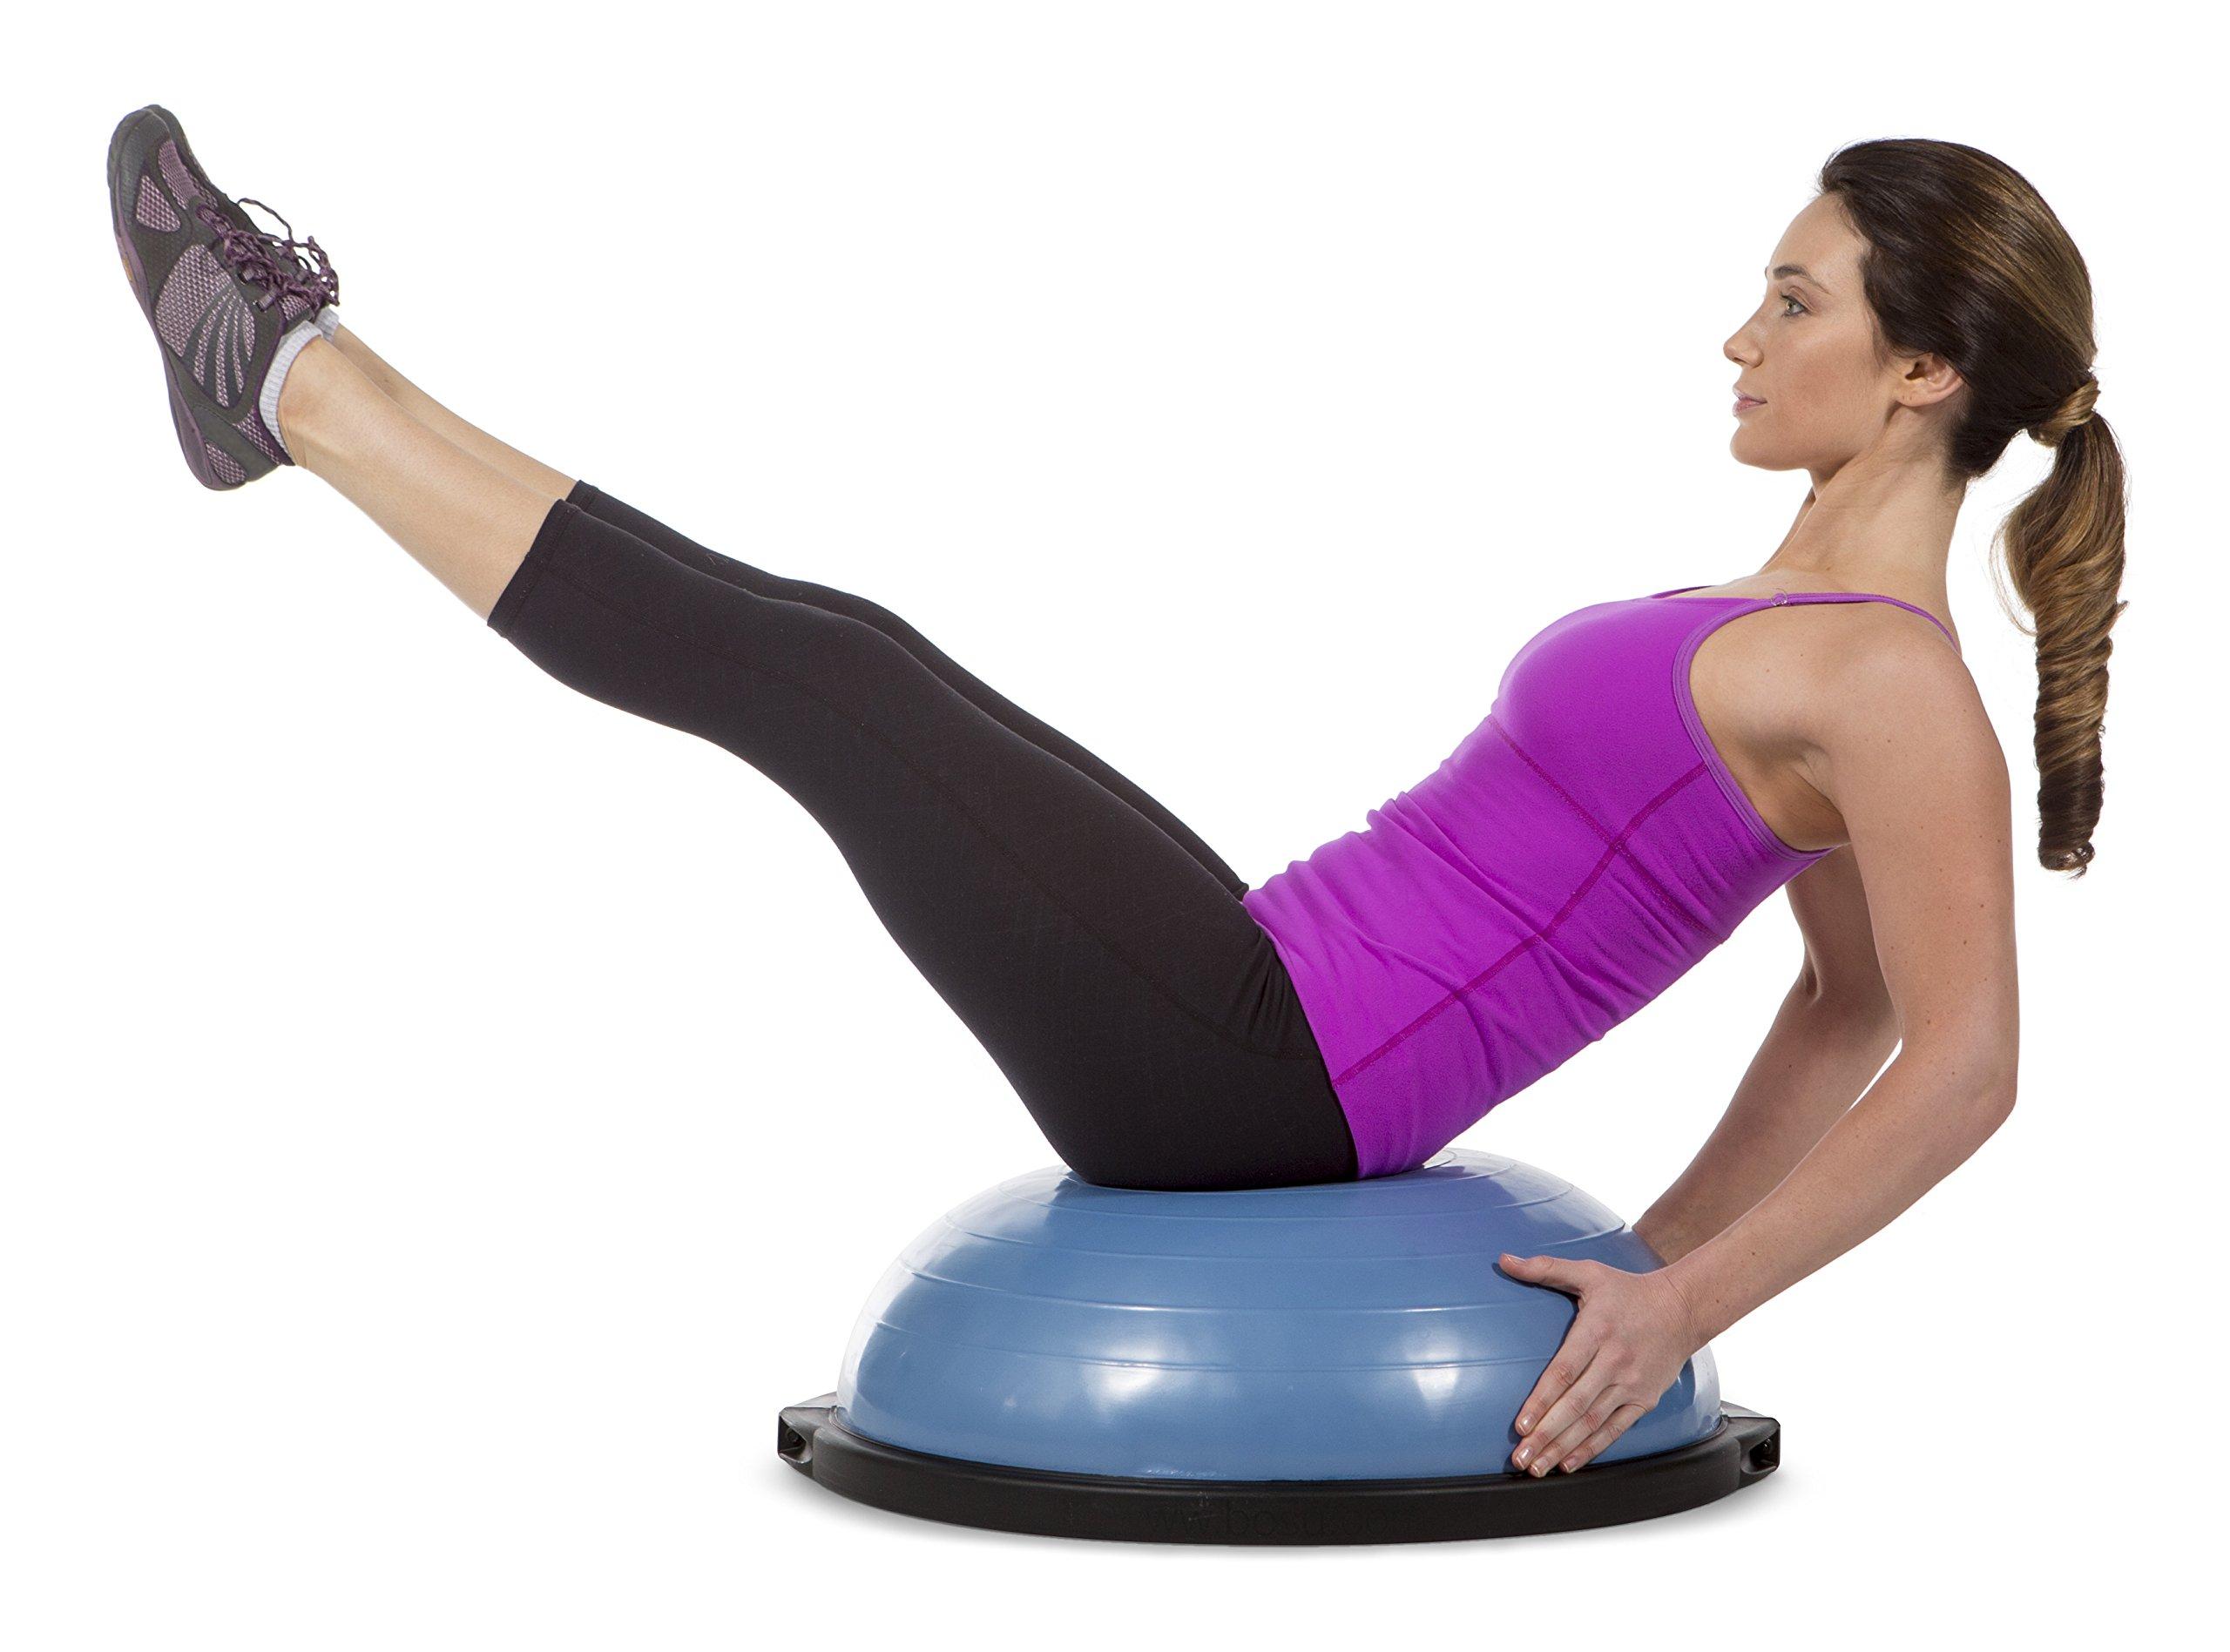 Bosu Balance Trainer, 65cm The Original - Blue/Blue by Bosu (Image #4)